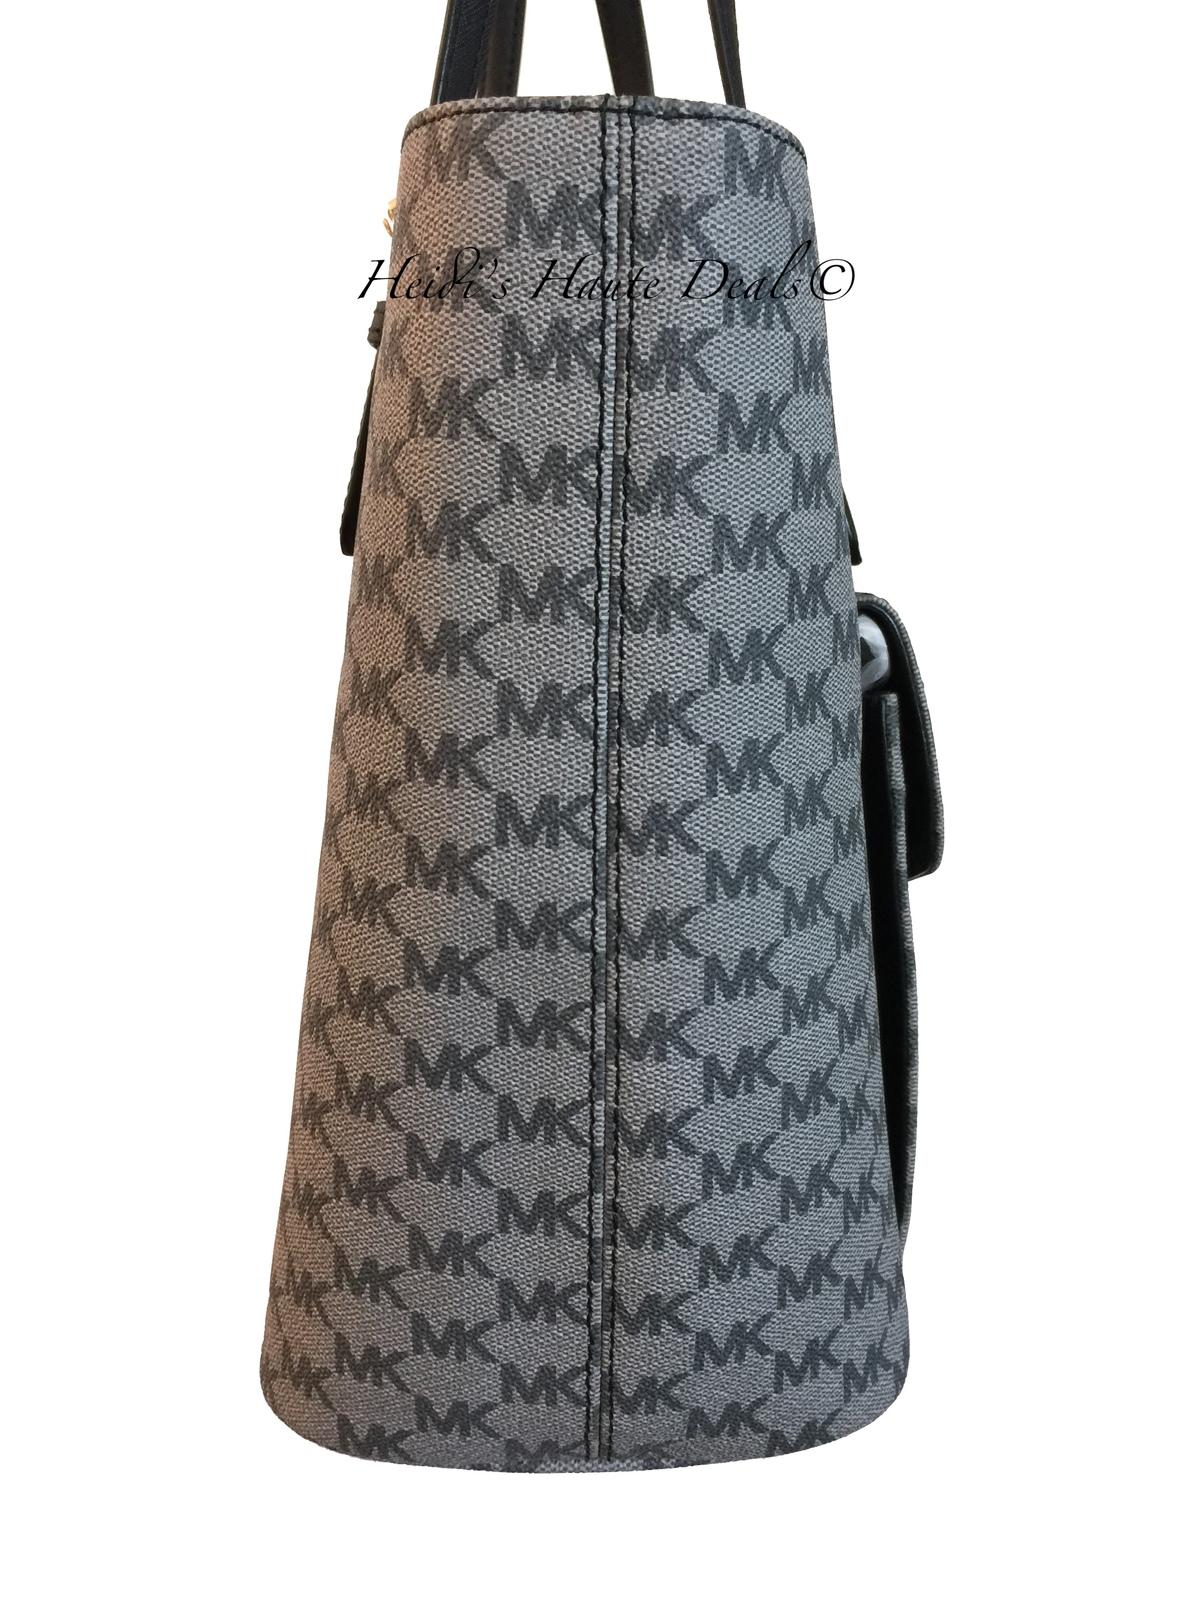 4d1eb4f50d42 NWT MICHAEL KORS Jet Set Large Pocket Tote Black Gray Logo Multi Function  Bag